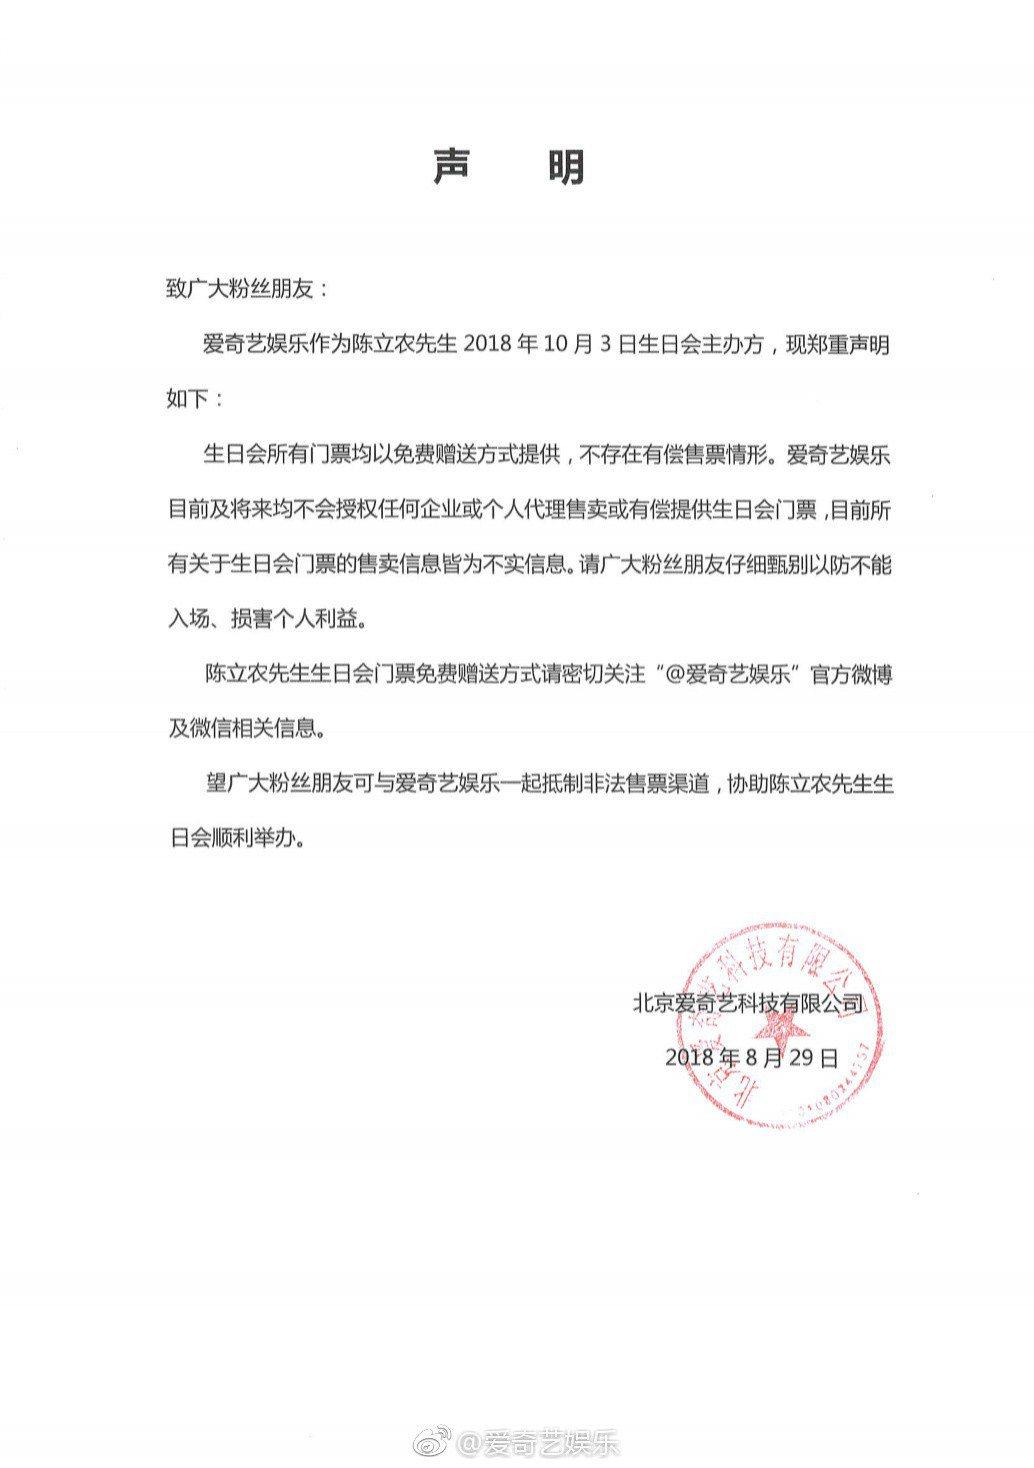 陳立農生日會的主辦單位發表聲明。圖/摘自微博